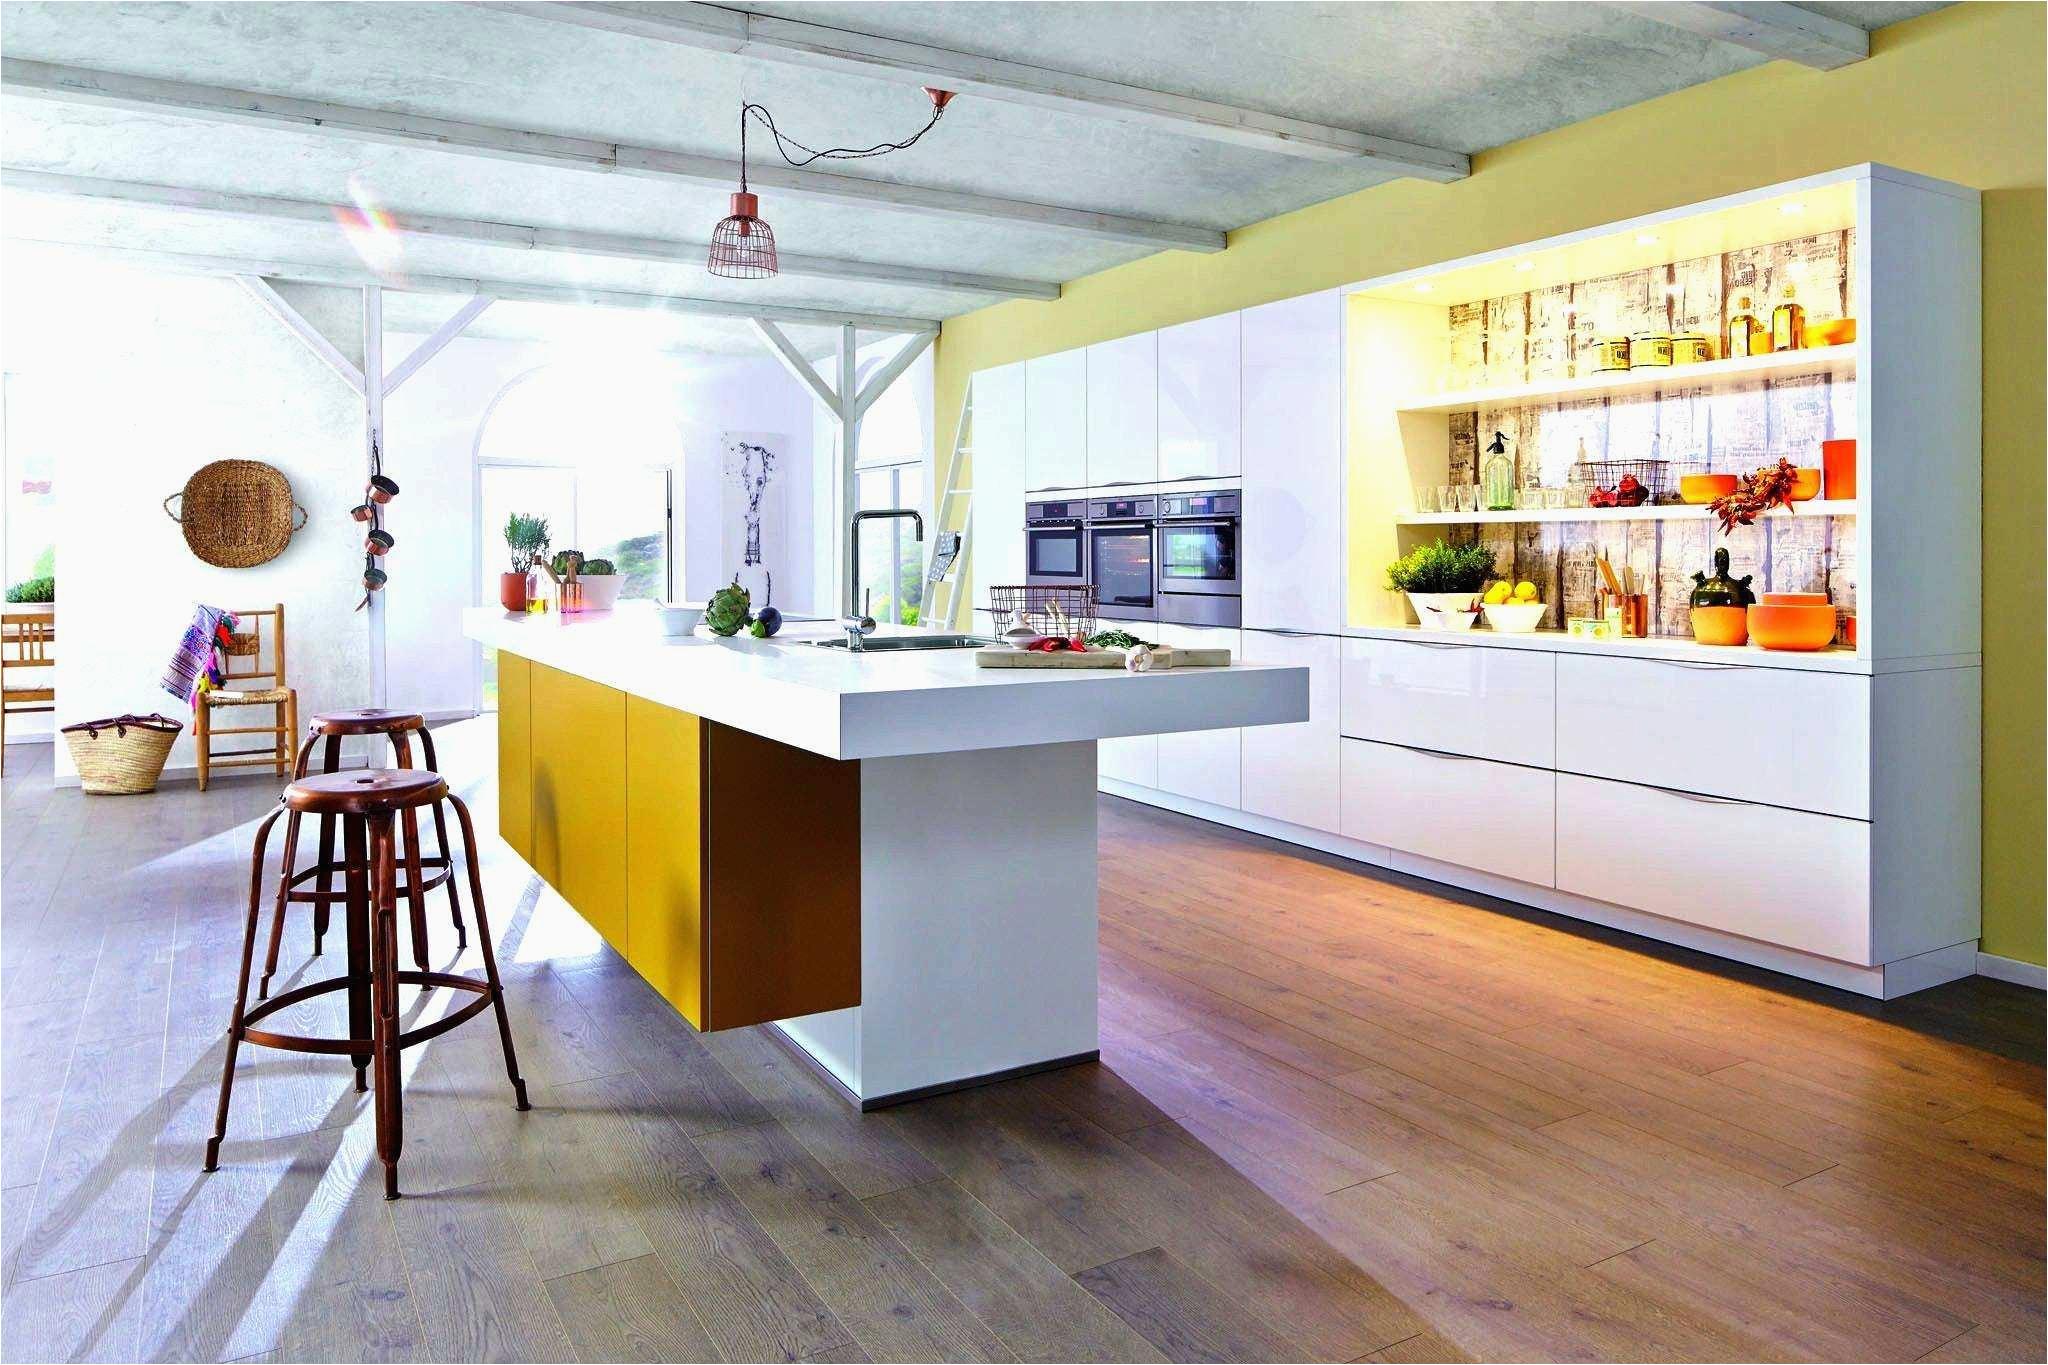 kuche deko wand neu 38 luxus fotos von kuche deko ideen of kuche deko wand